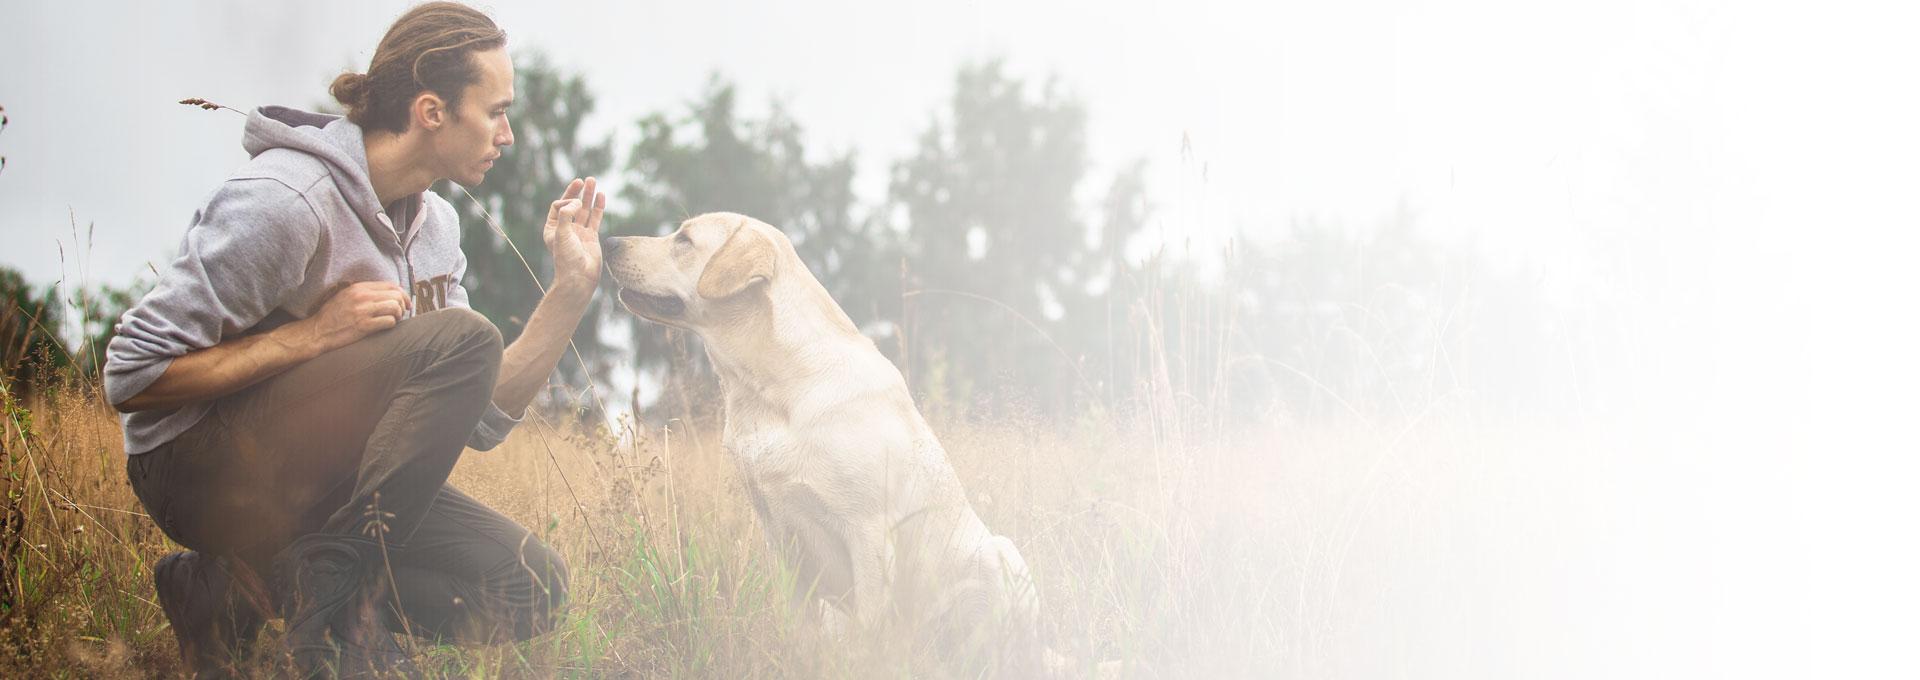 les clés dressage canin